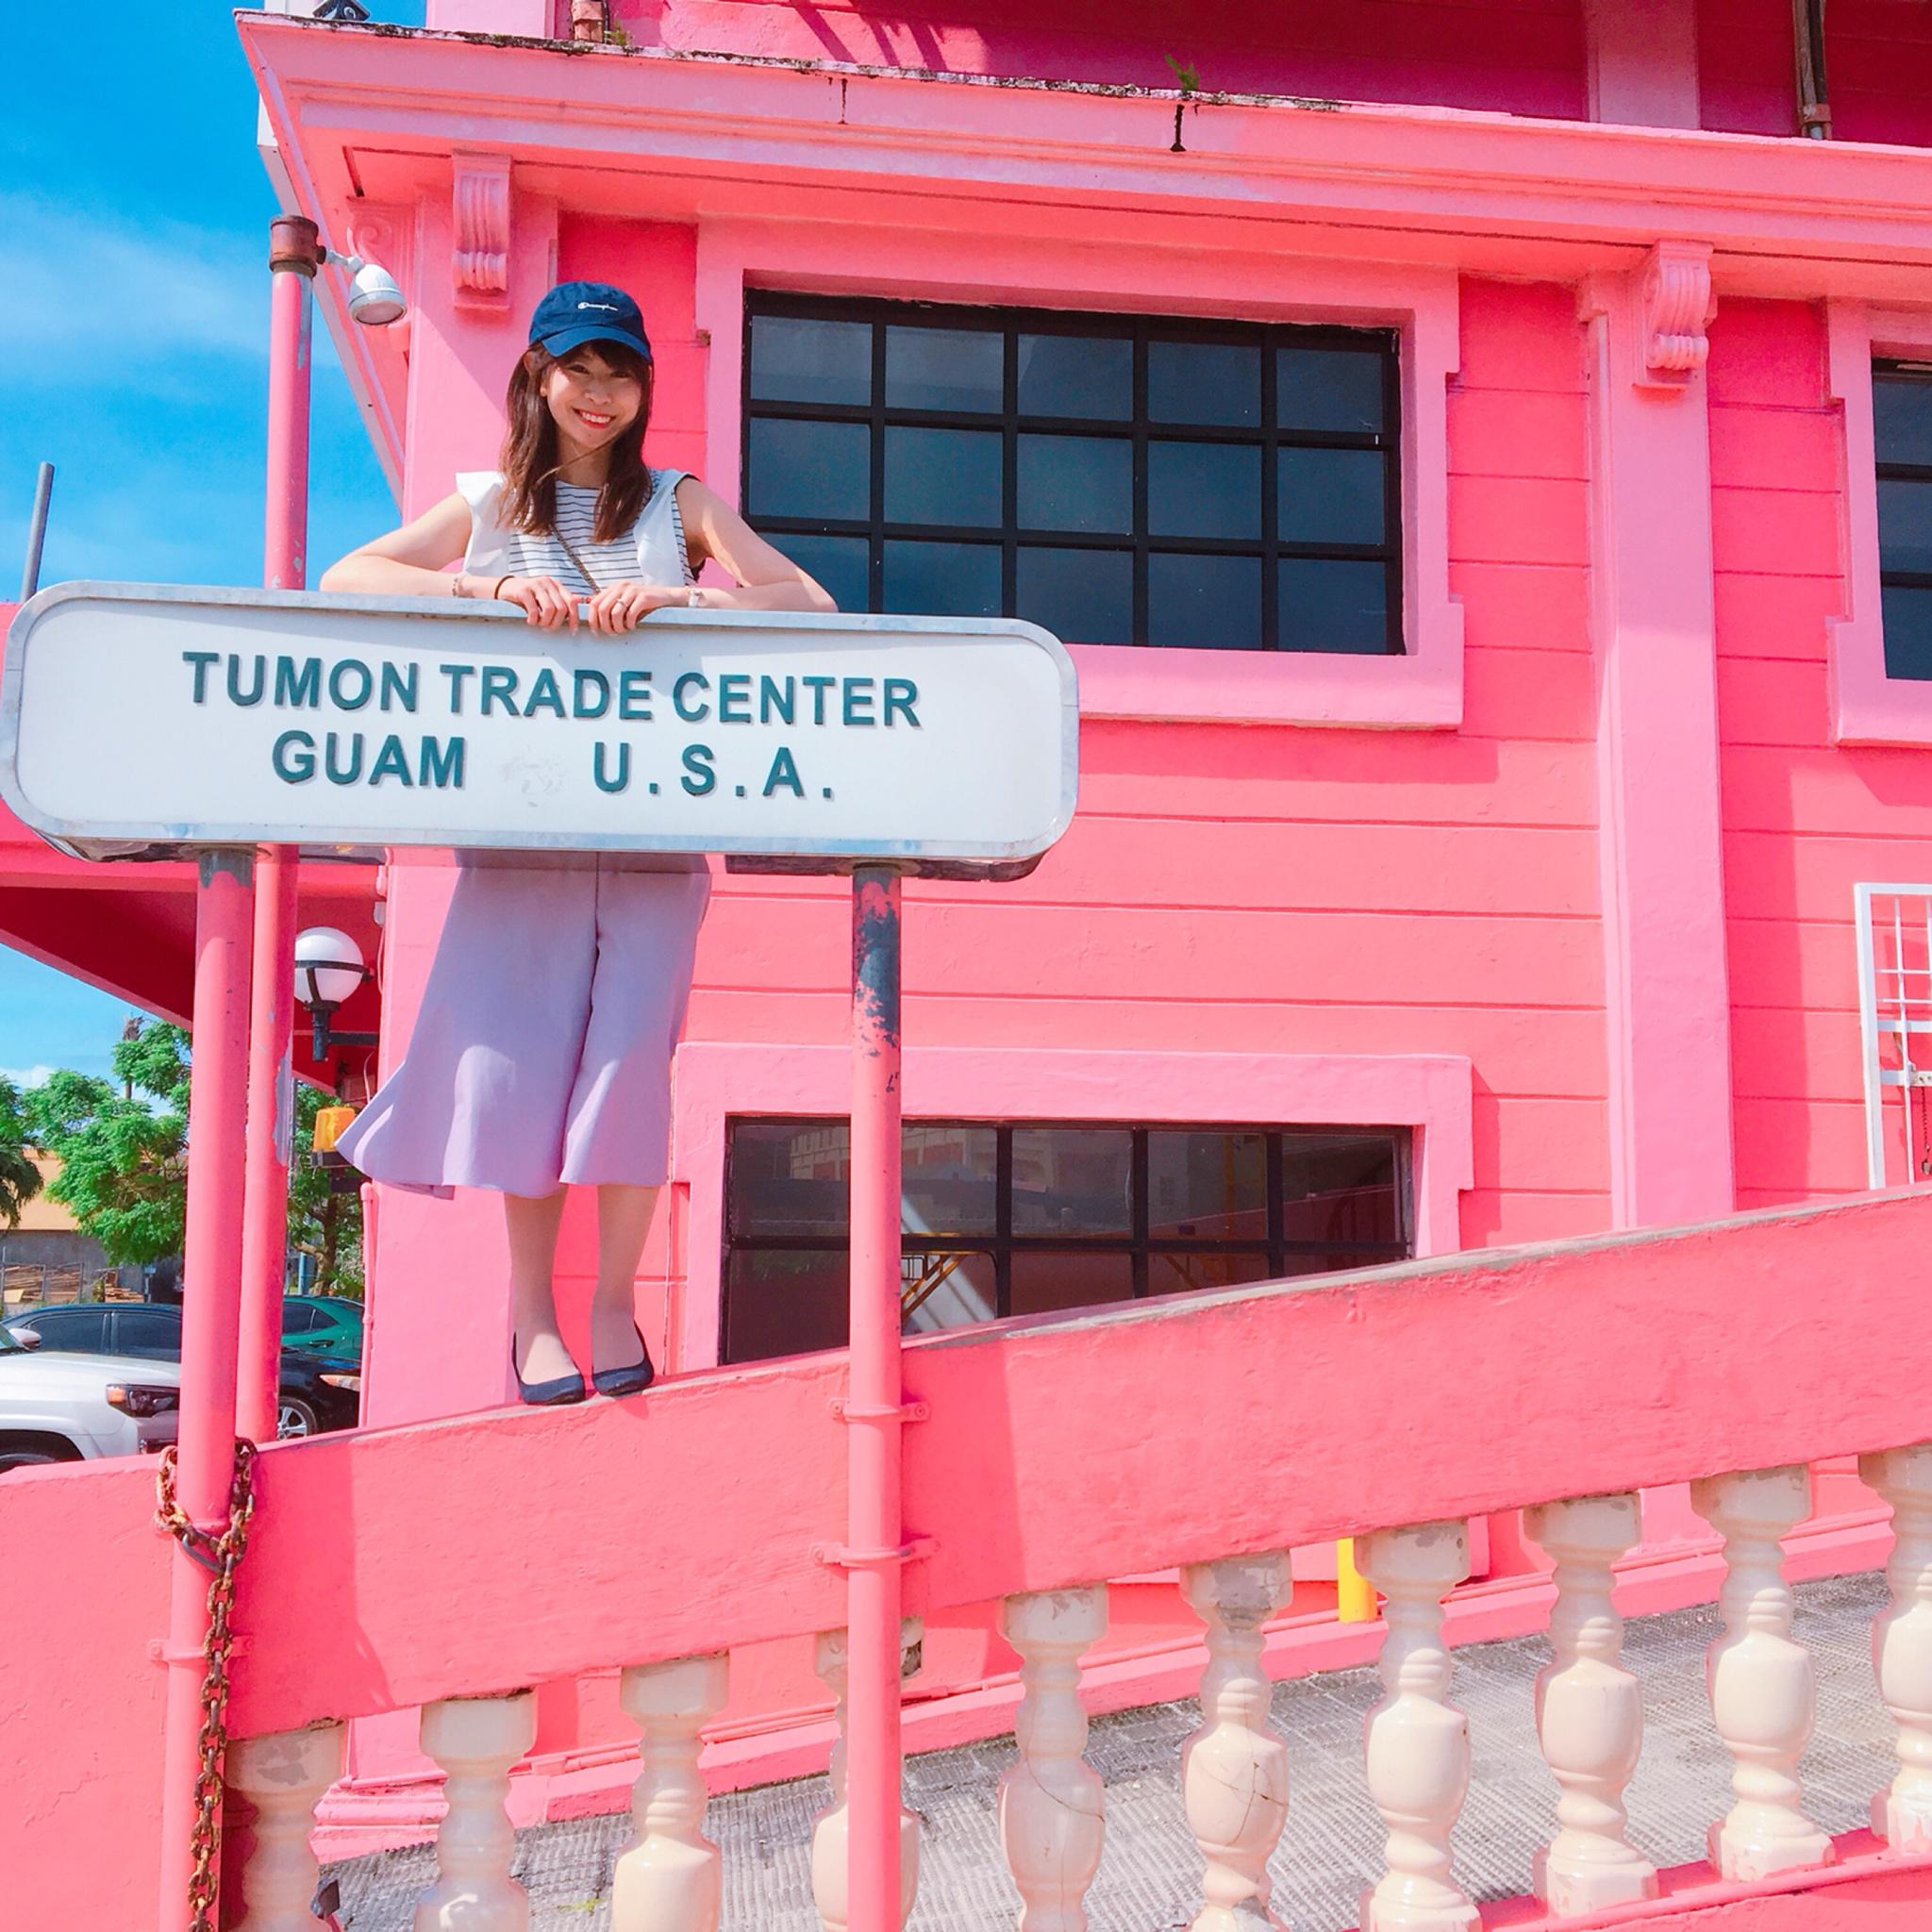 インスタで話題の「ピンクの壁」!グアムで写真映えするタモントレードセンターがオススメスポットです♡_2